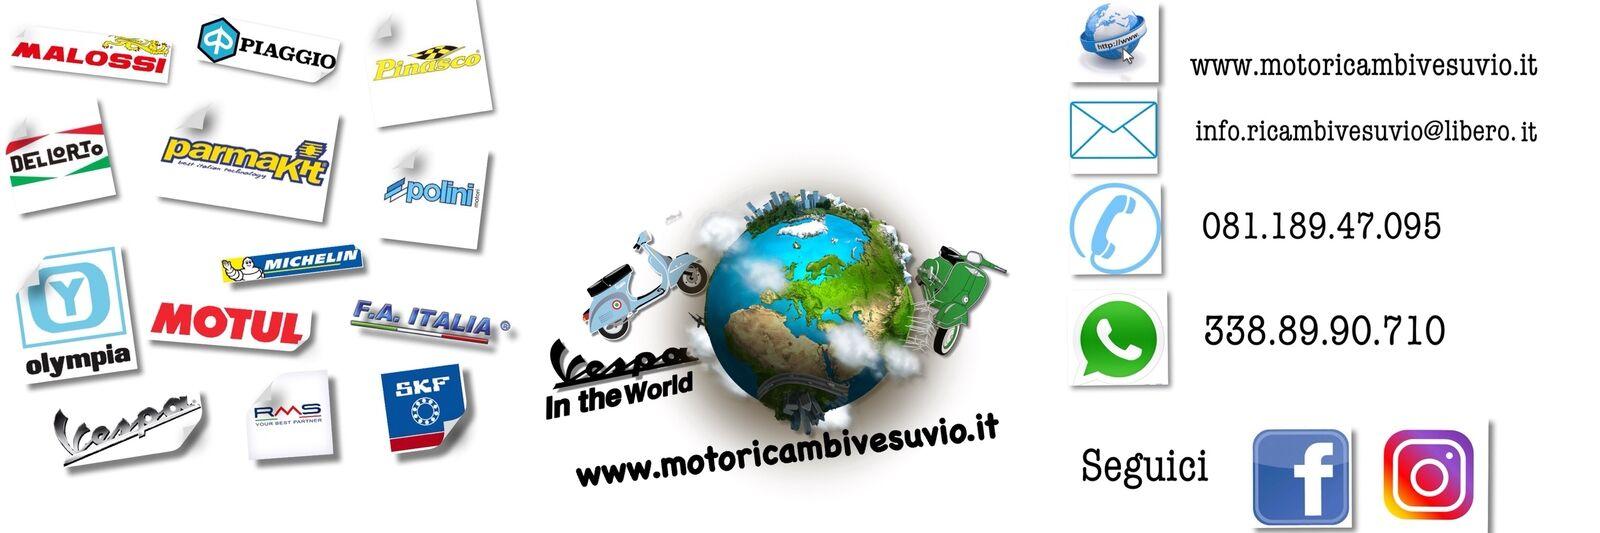 Motoricambi Vesuvio